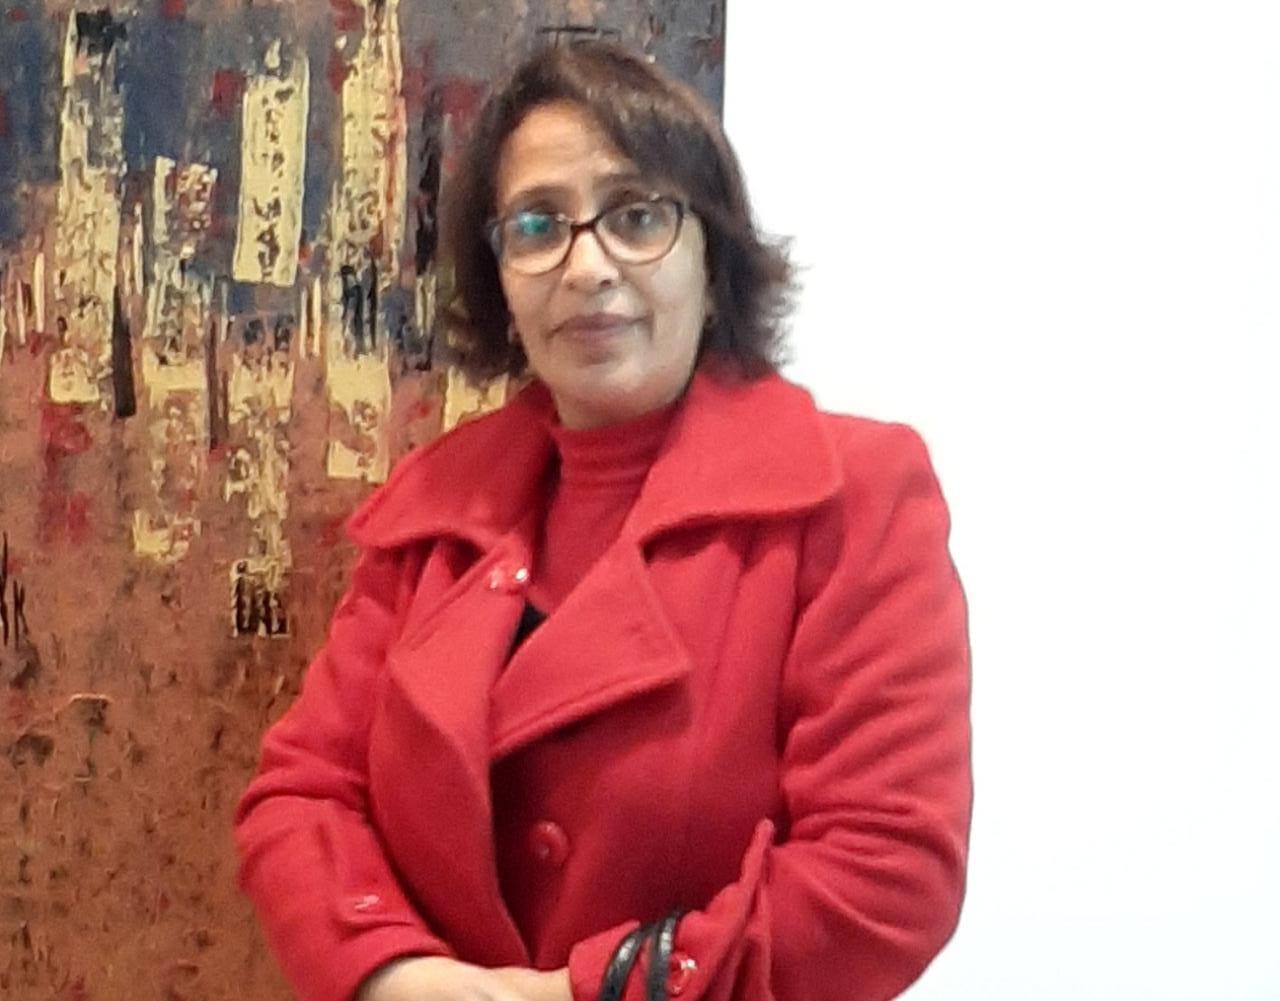 بالشفاء العاجل لرئيسة جمعية الملكي للخدمات الاجتماعية بالجديدة أمينة أرسلان